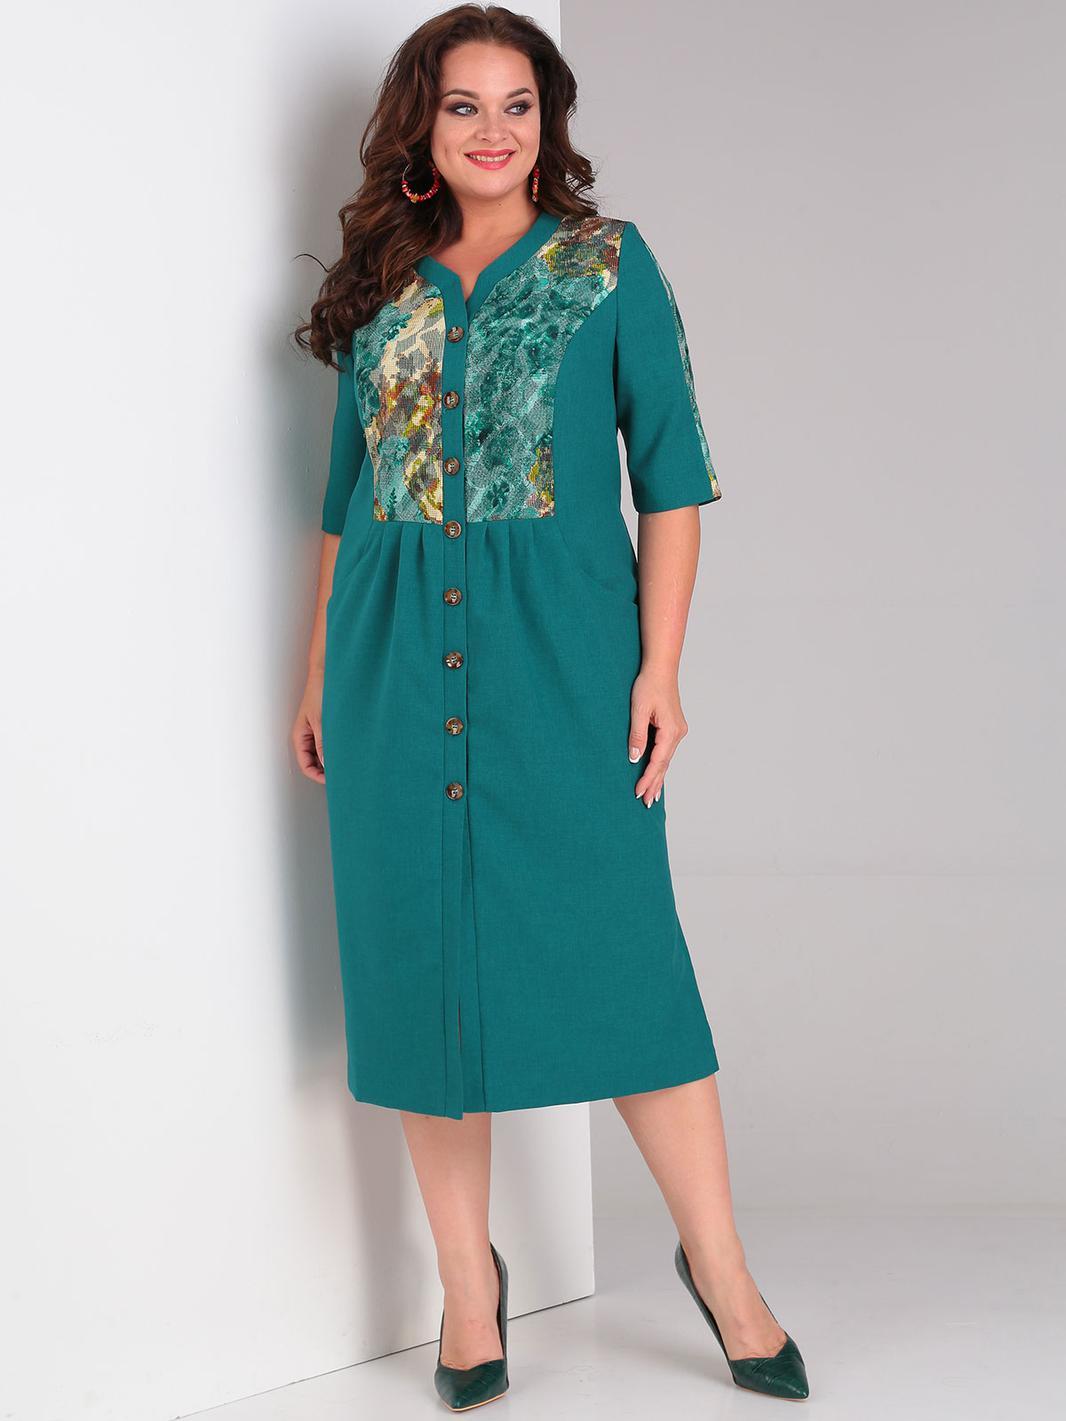 795a61d56db Купить летнее платье в интернет-магазине в Минске